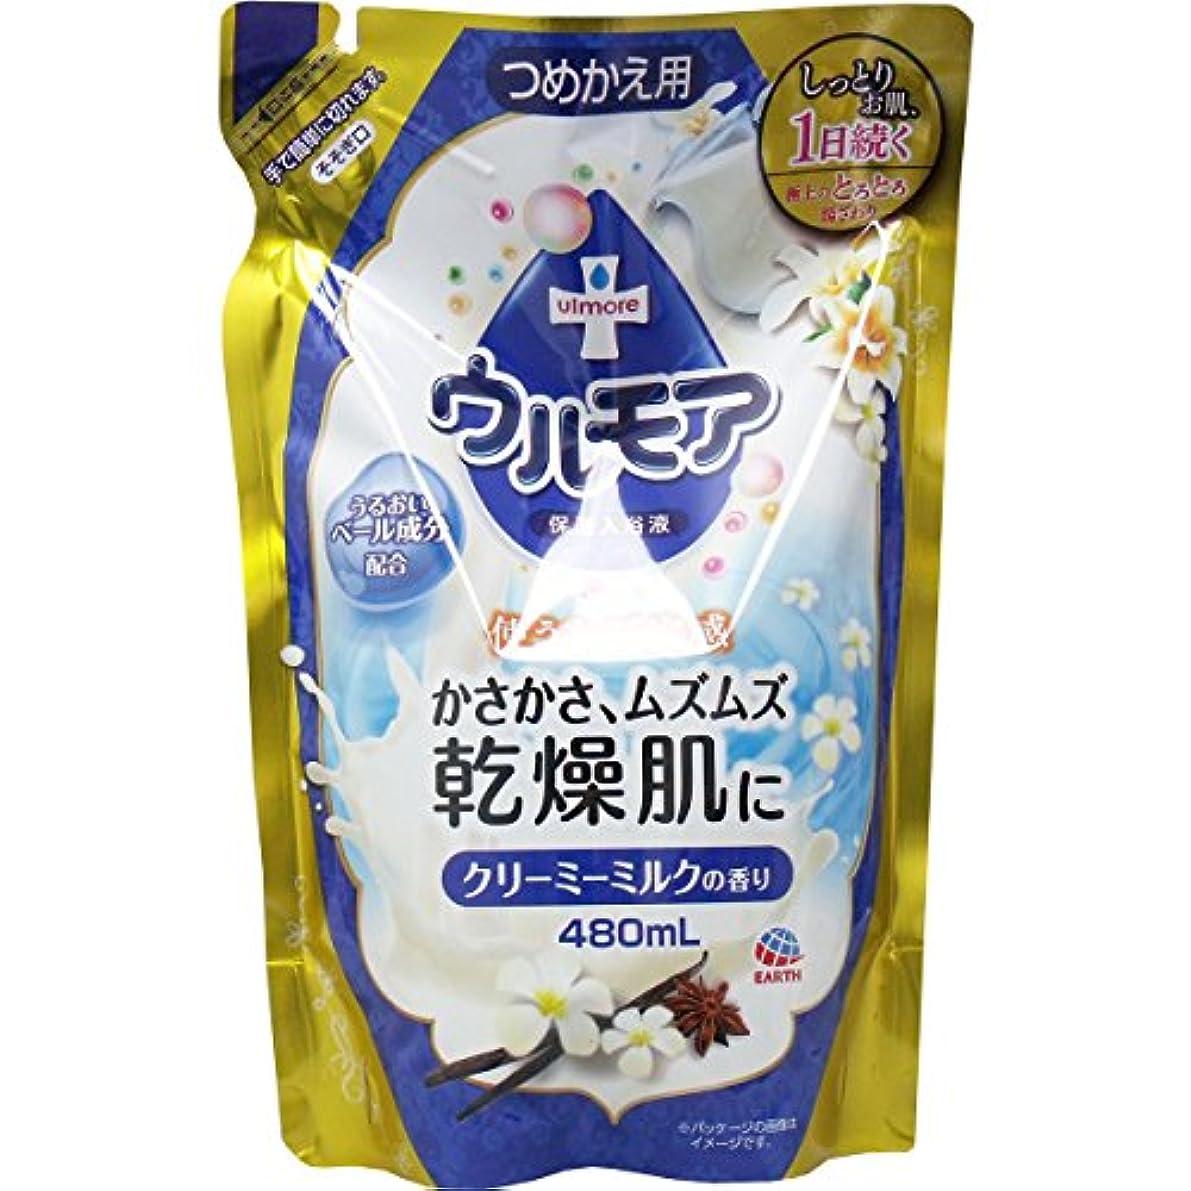 モネ赤テロリスト保湿入浴液ウルモアクリーミーミルク 替え × 10個セット